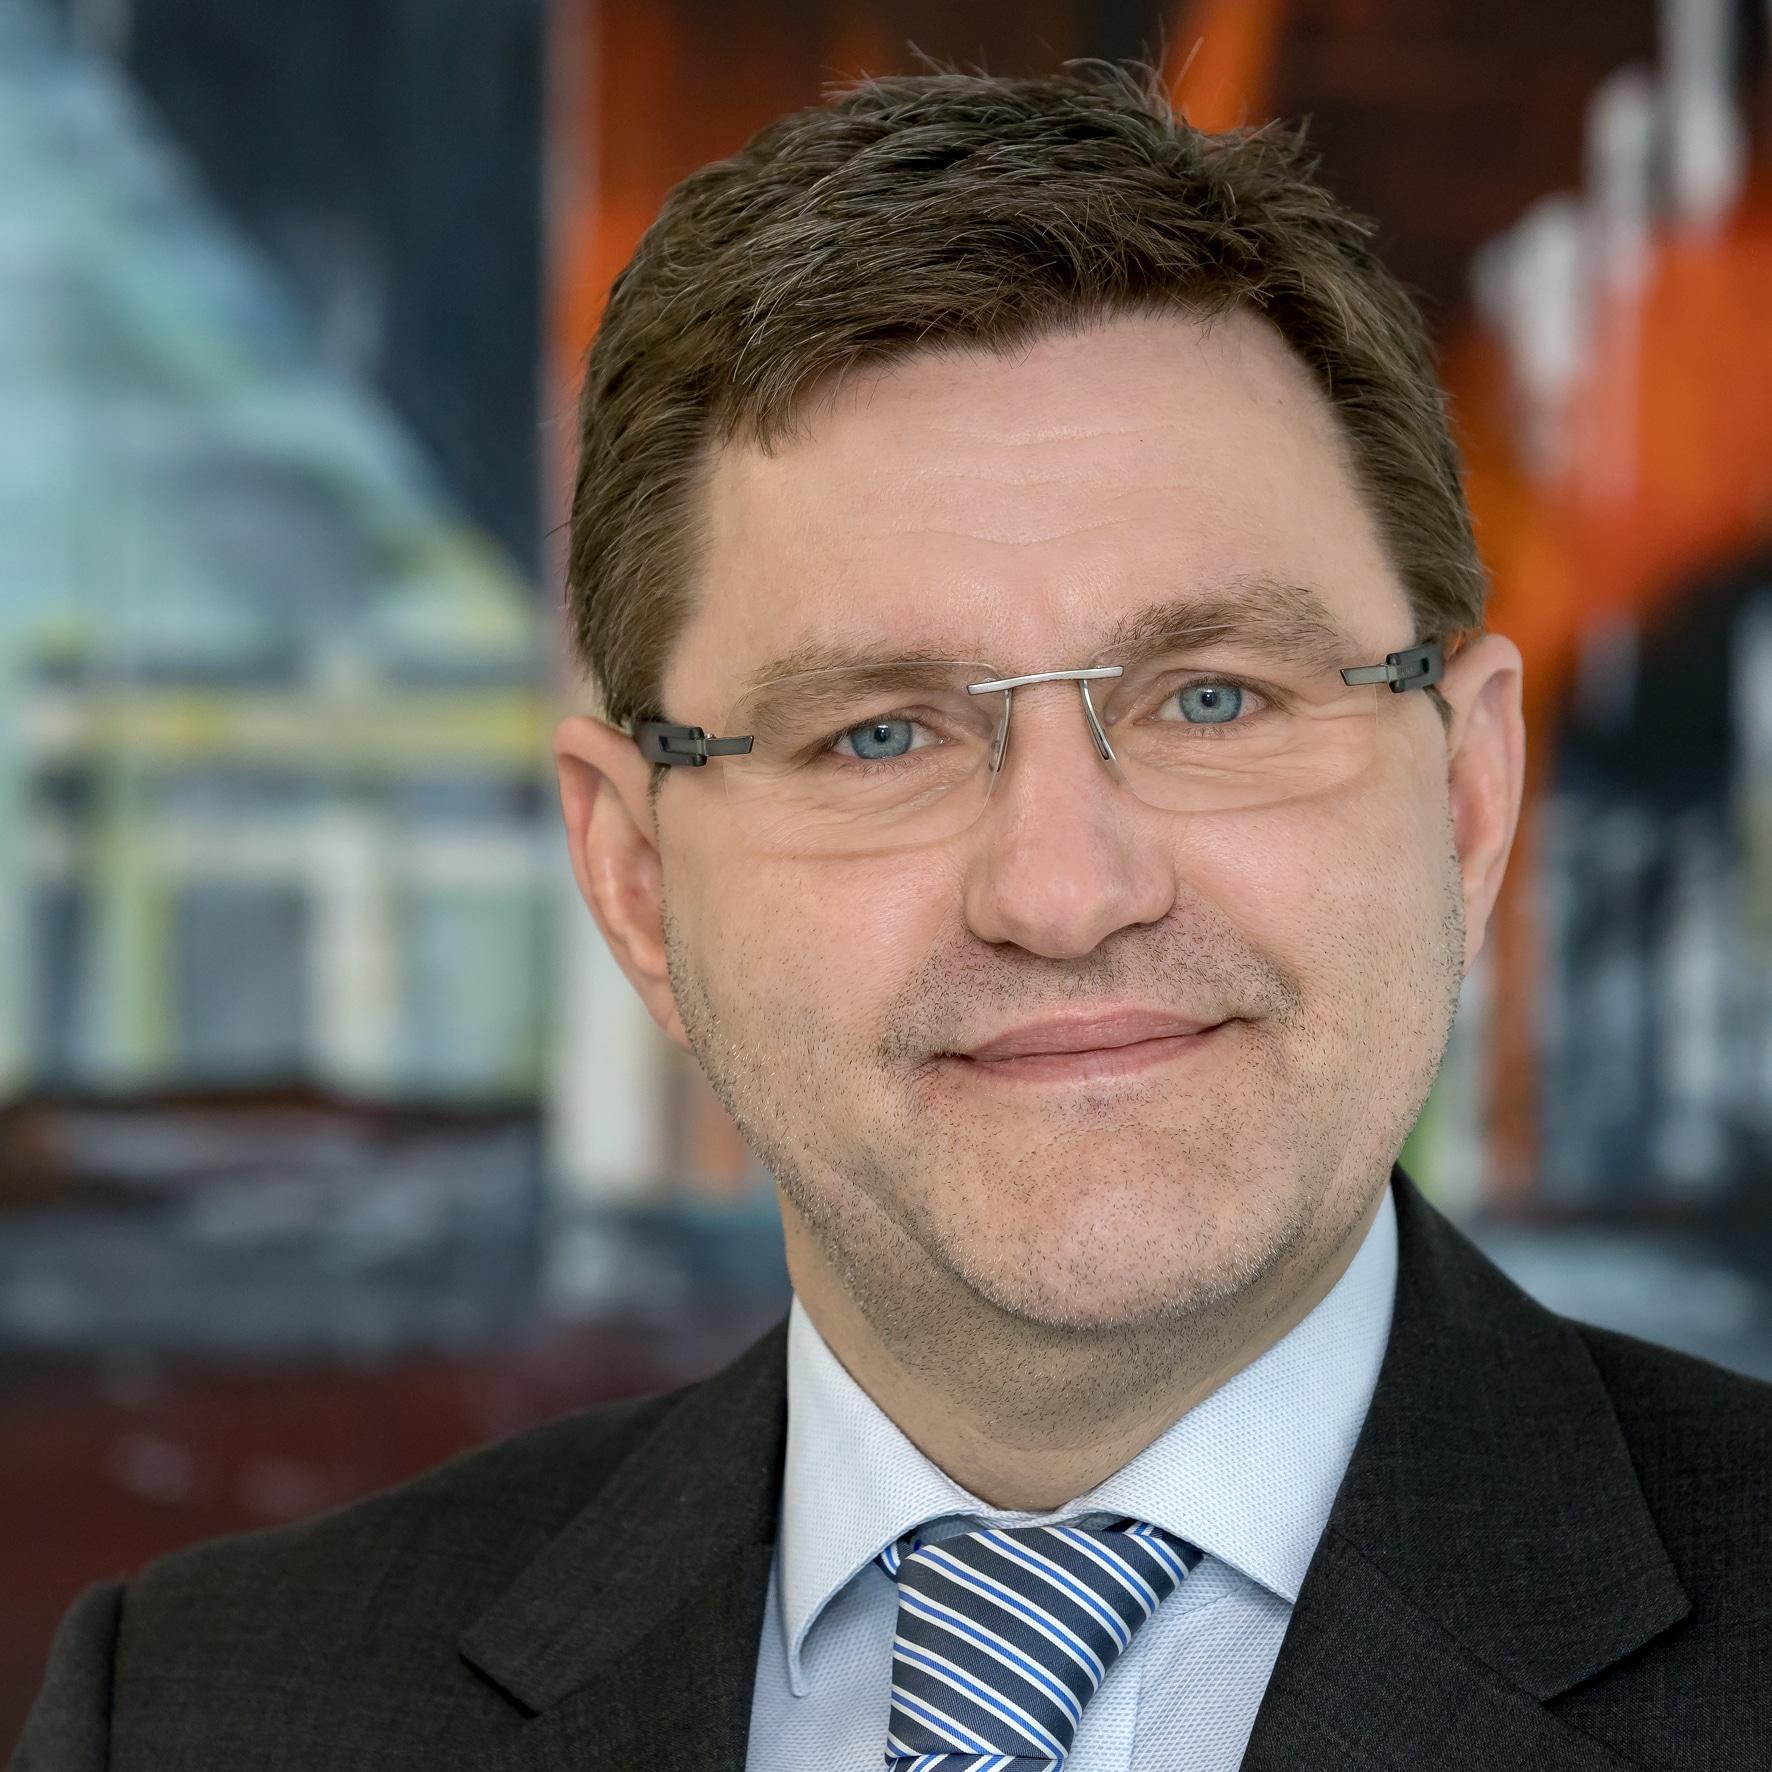 Jürgen Dams